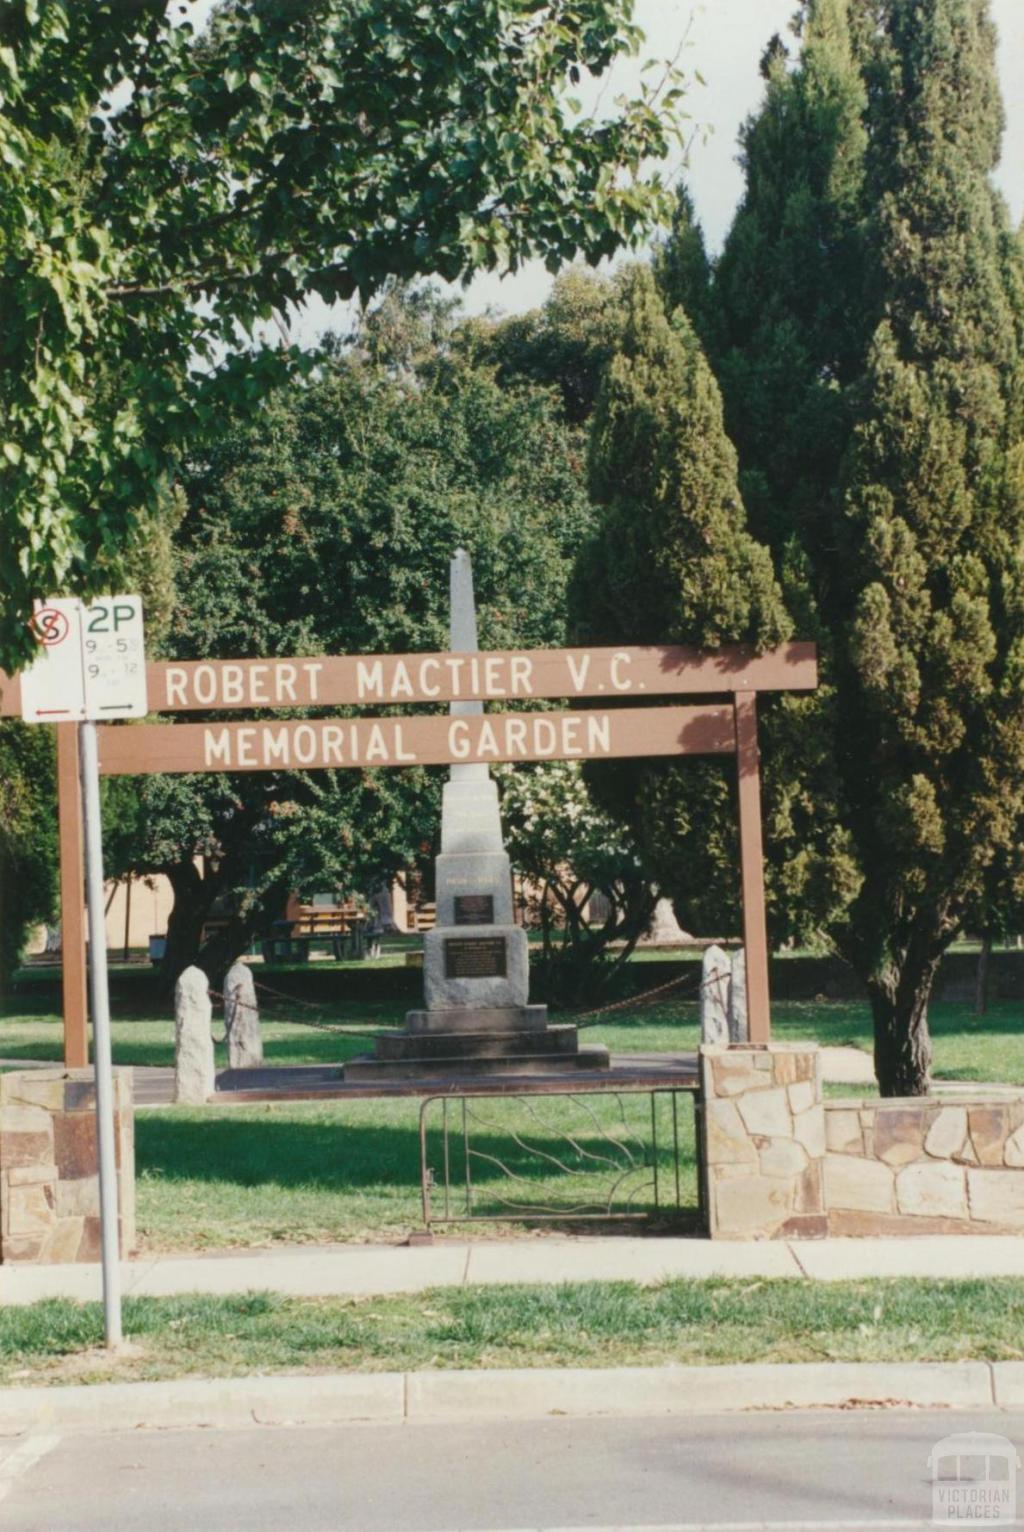 Robert Mactier VC Memorial Garden, 2002